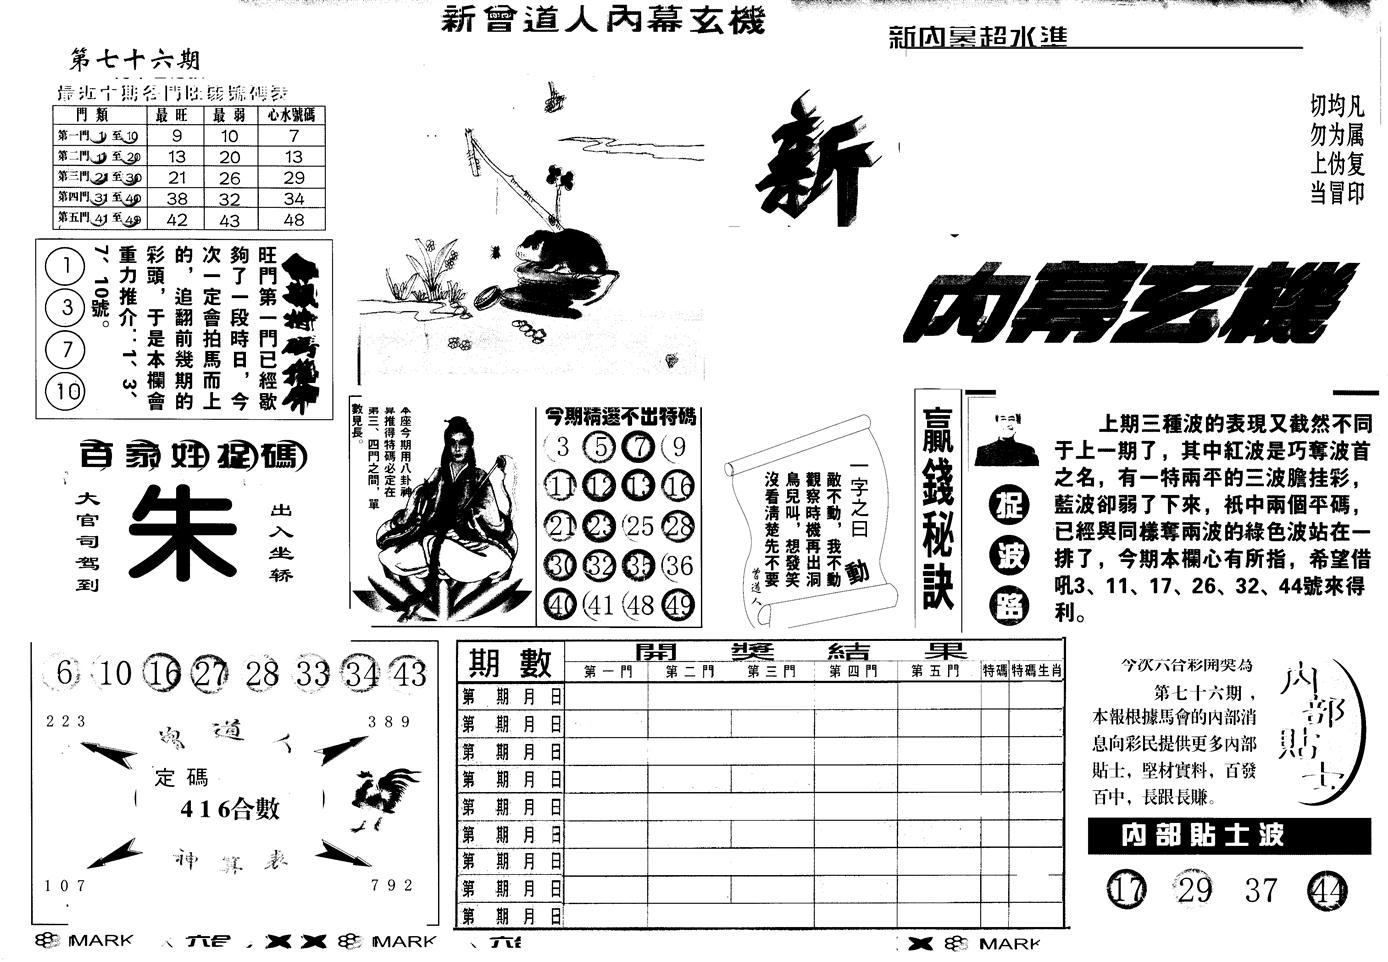 076期另版新内幕A(黑白)